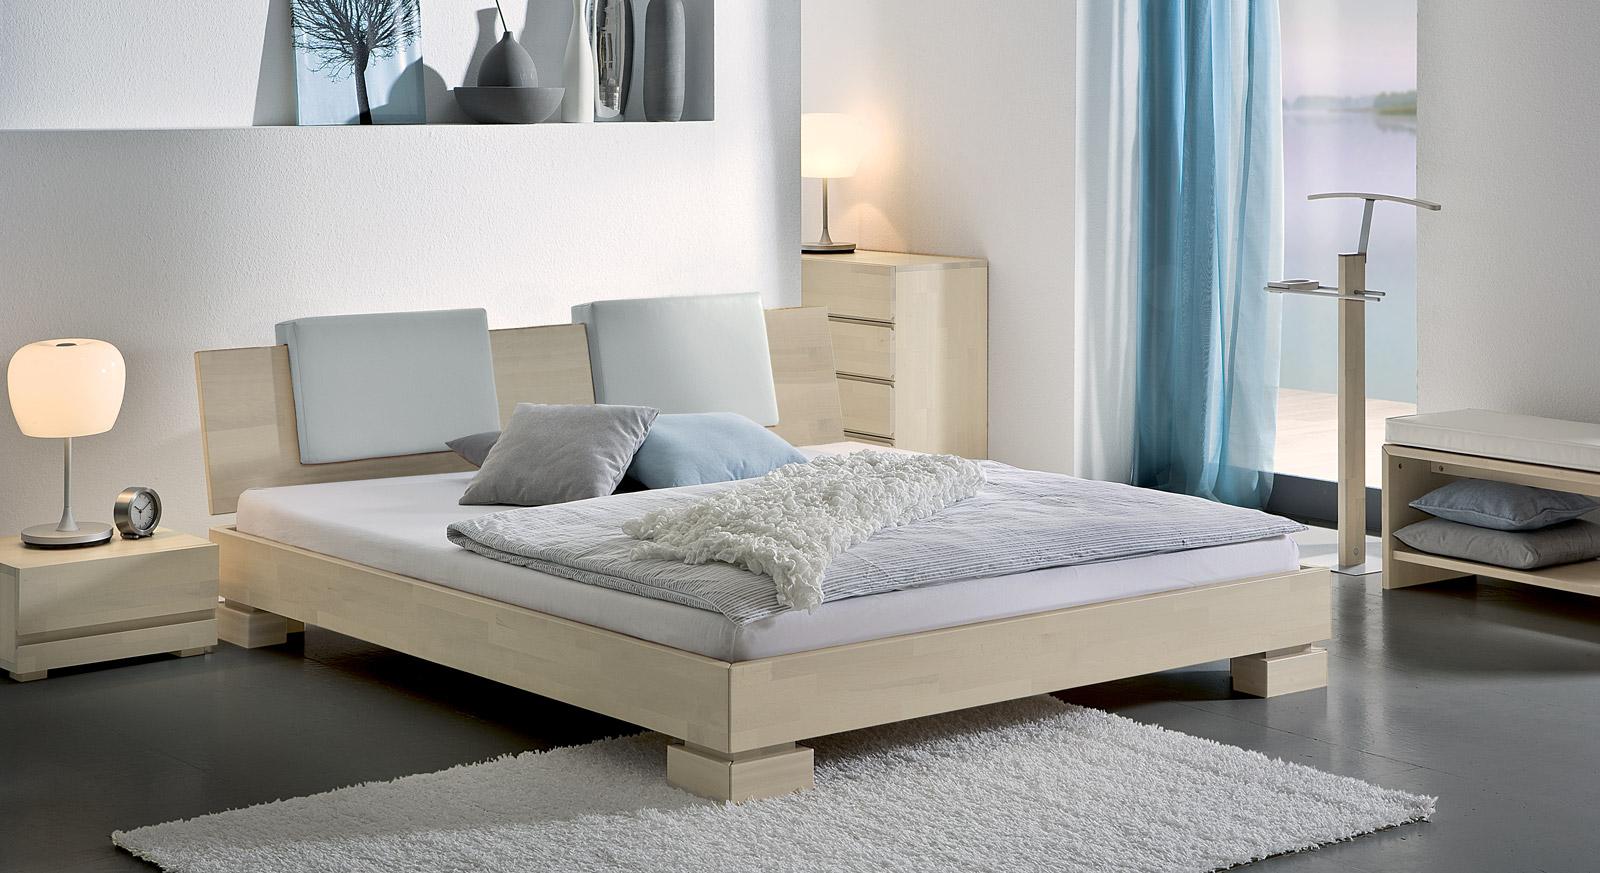 Bett Paradiso Bianco mit passenden Produkten